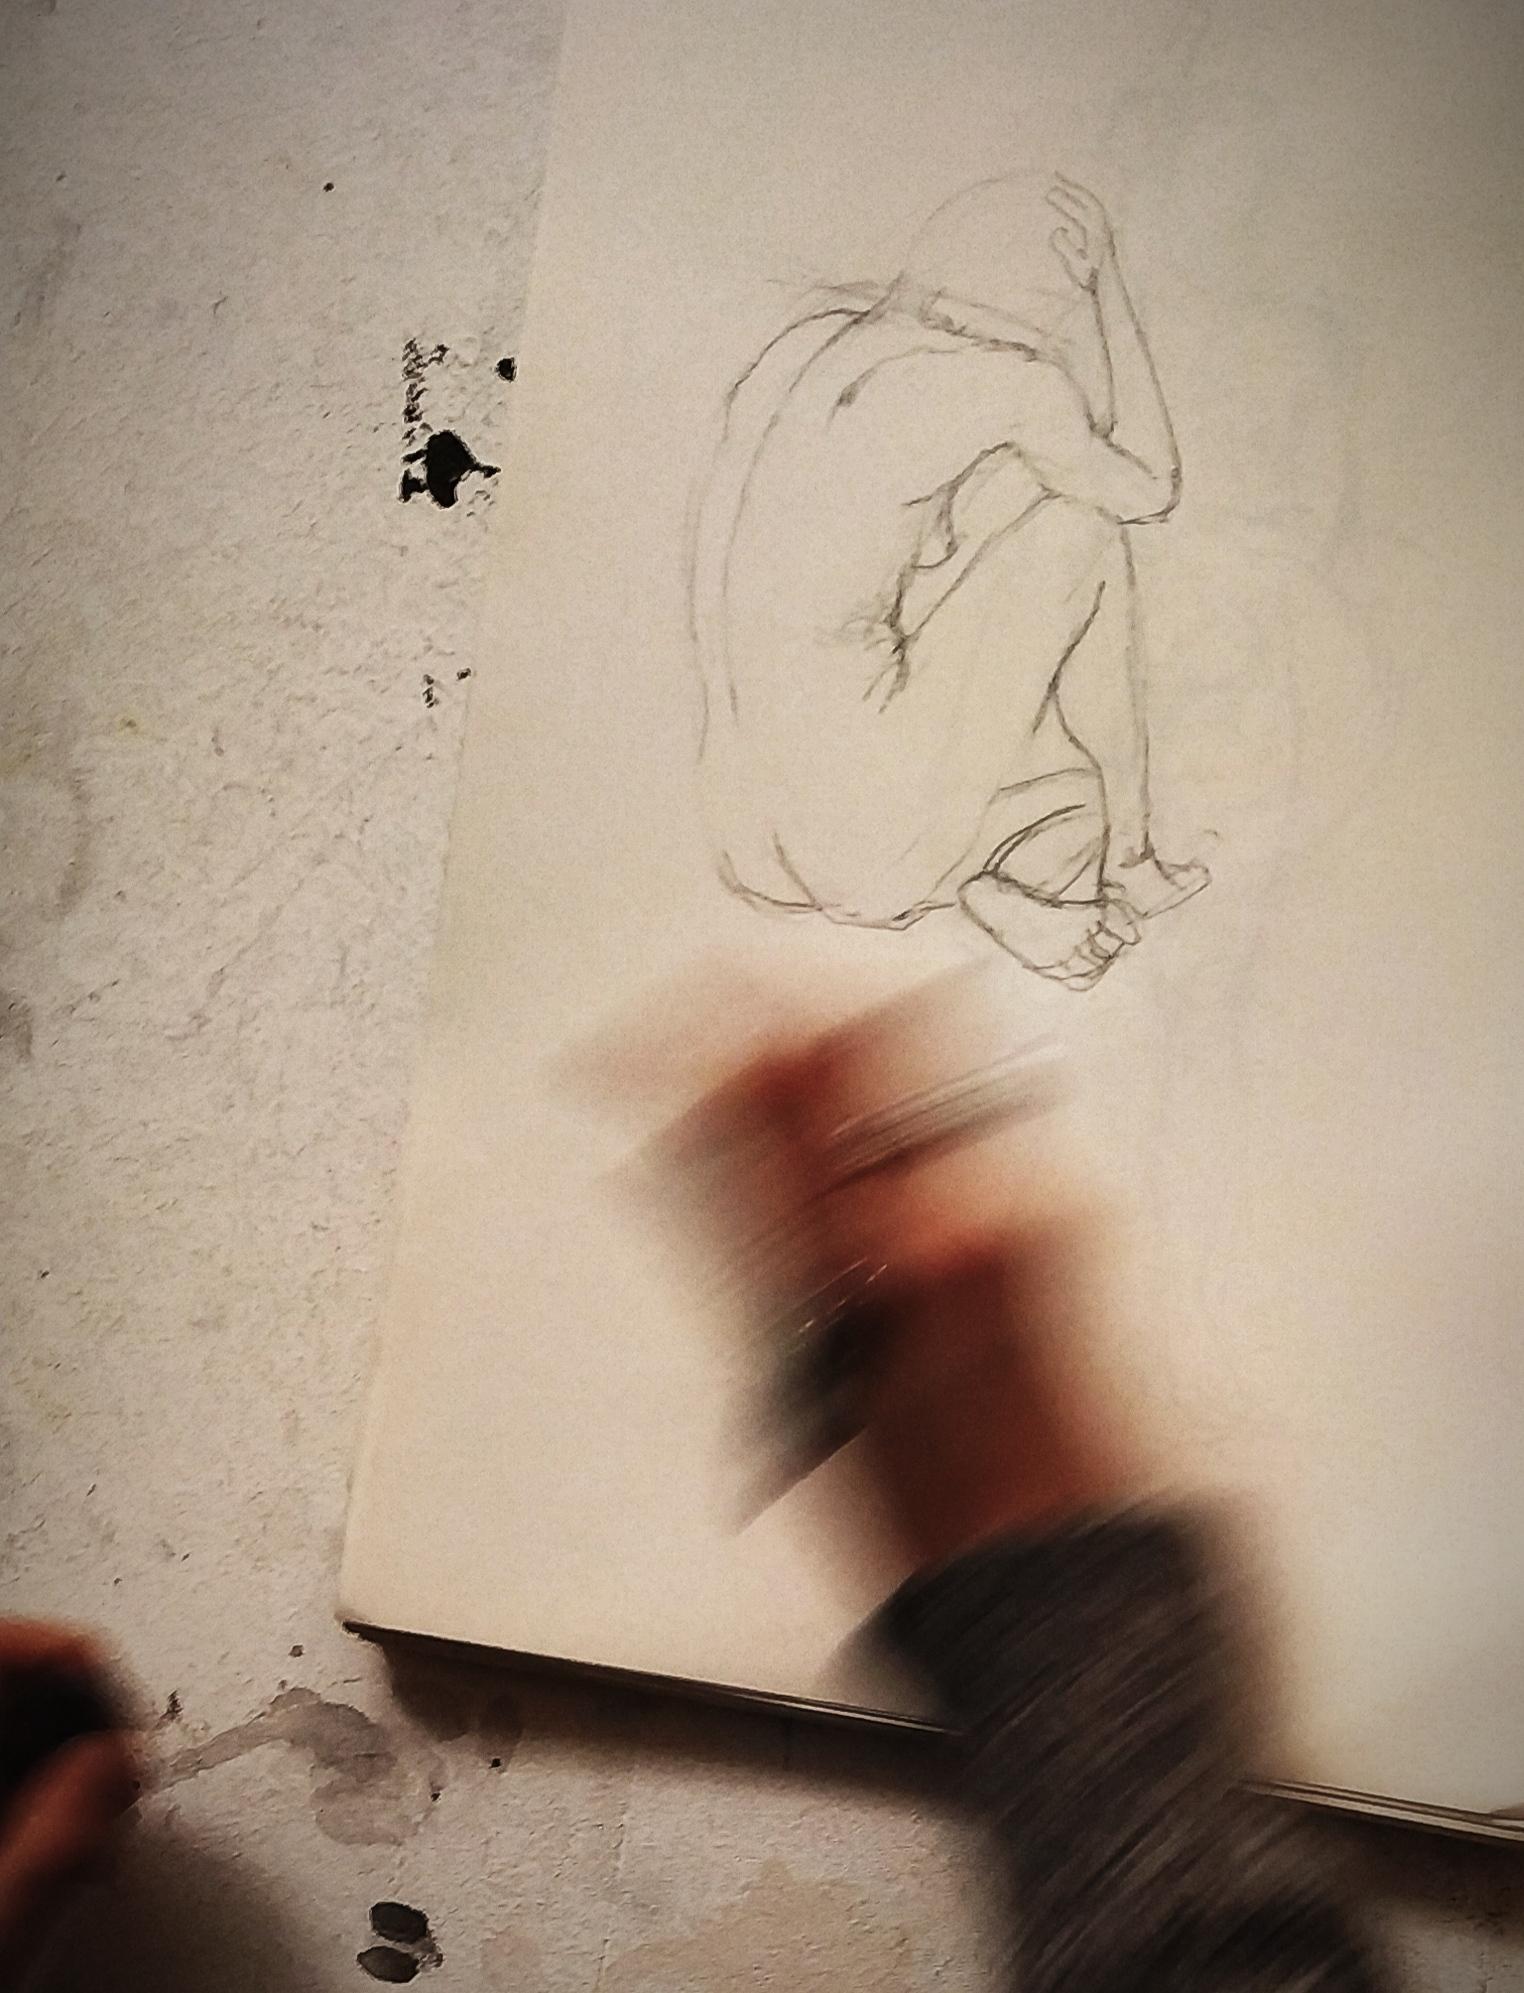 Croquis rapide dessin carnet de croquis  cours de dessin